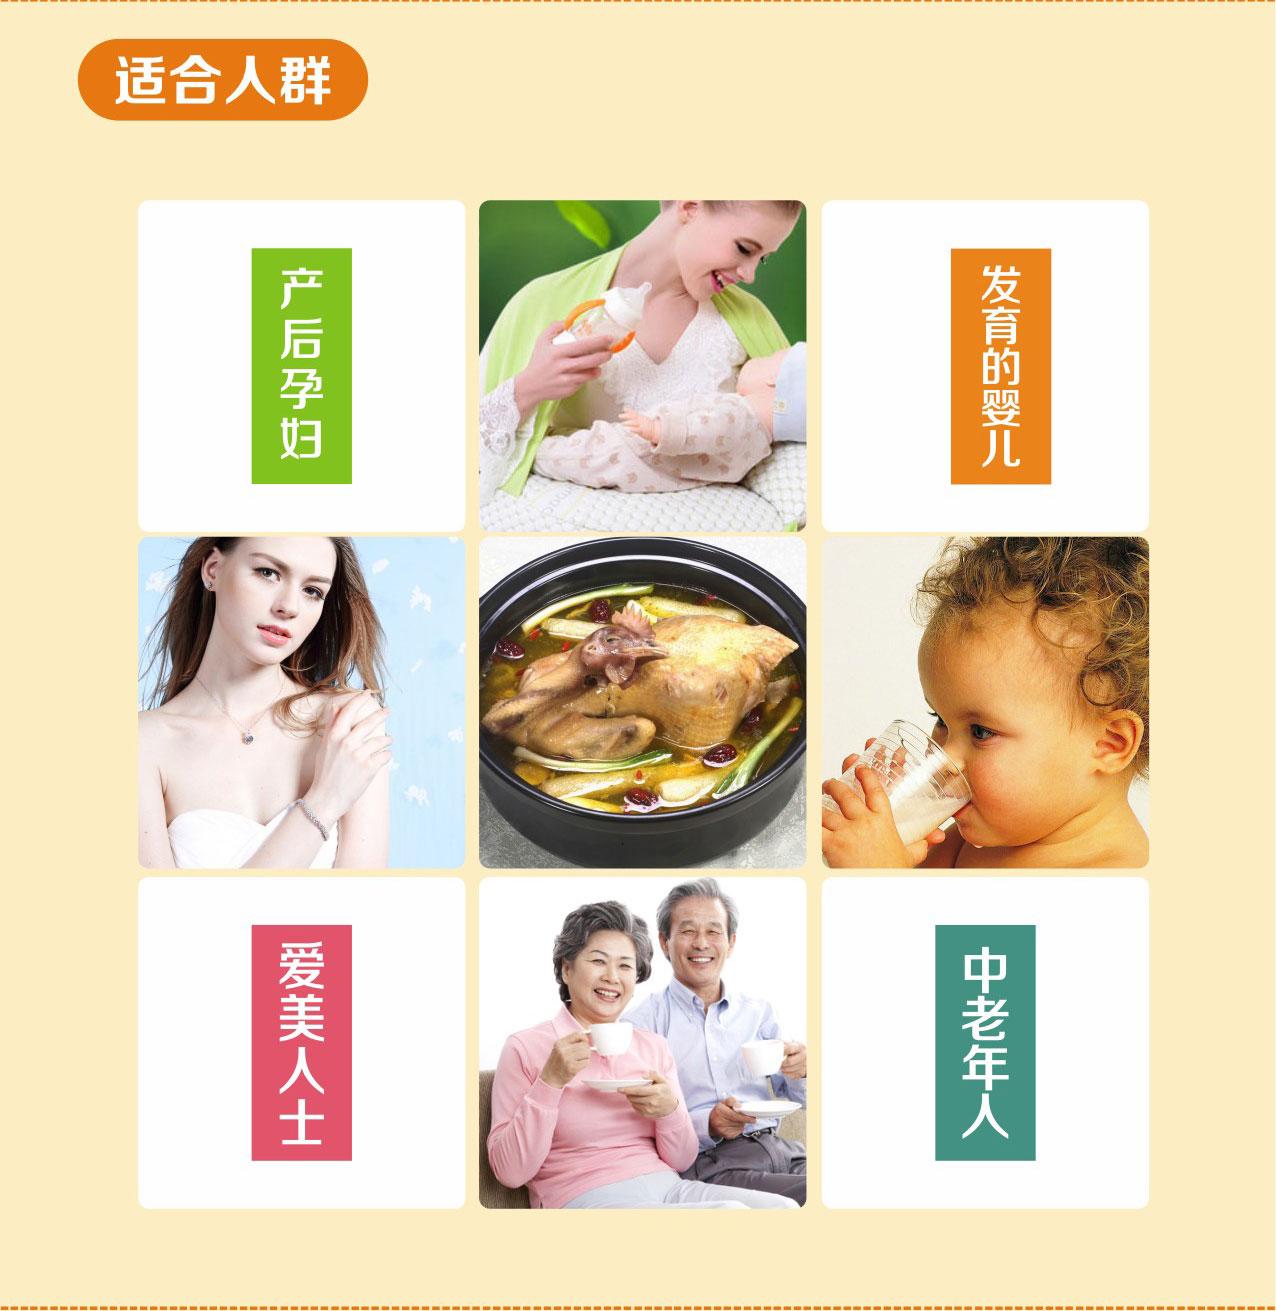 生江老鸡|特色产品-罗定生江原始蛋鸡养殖有限公司